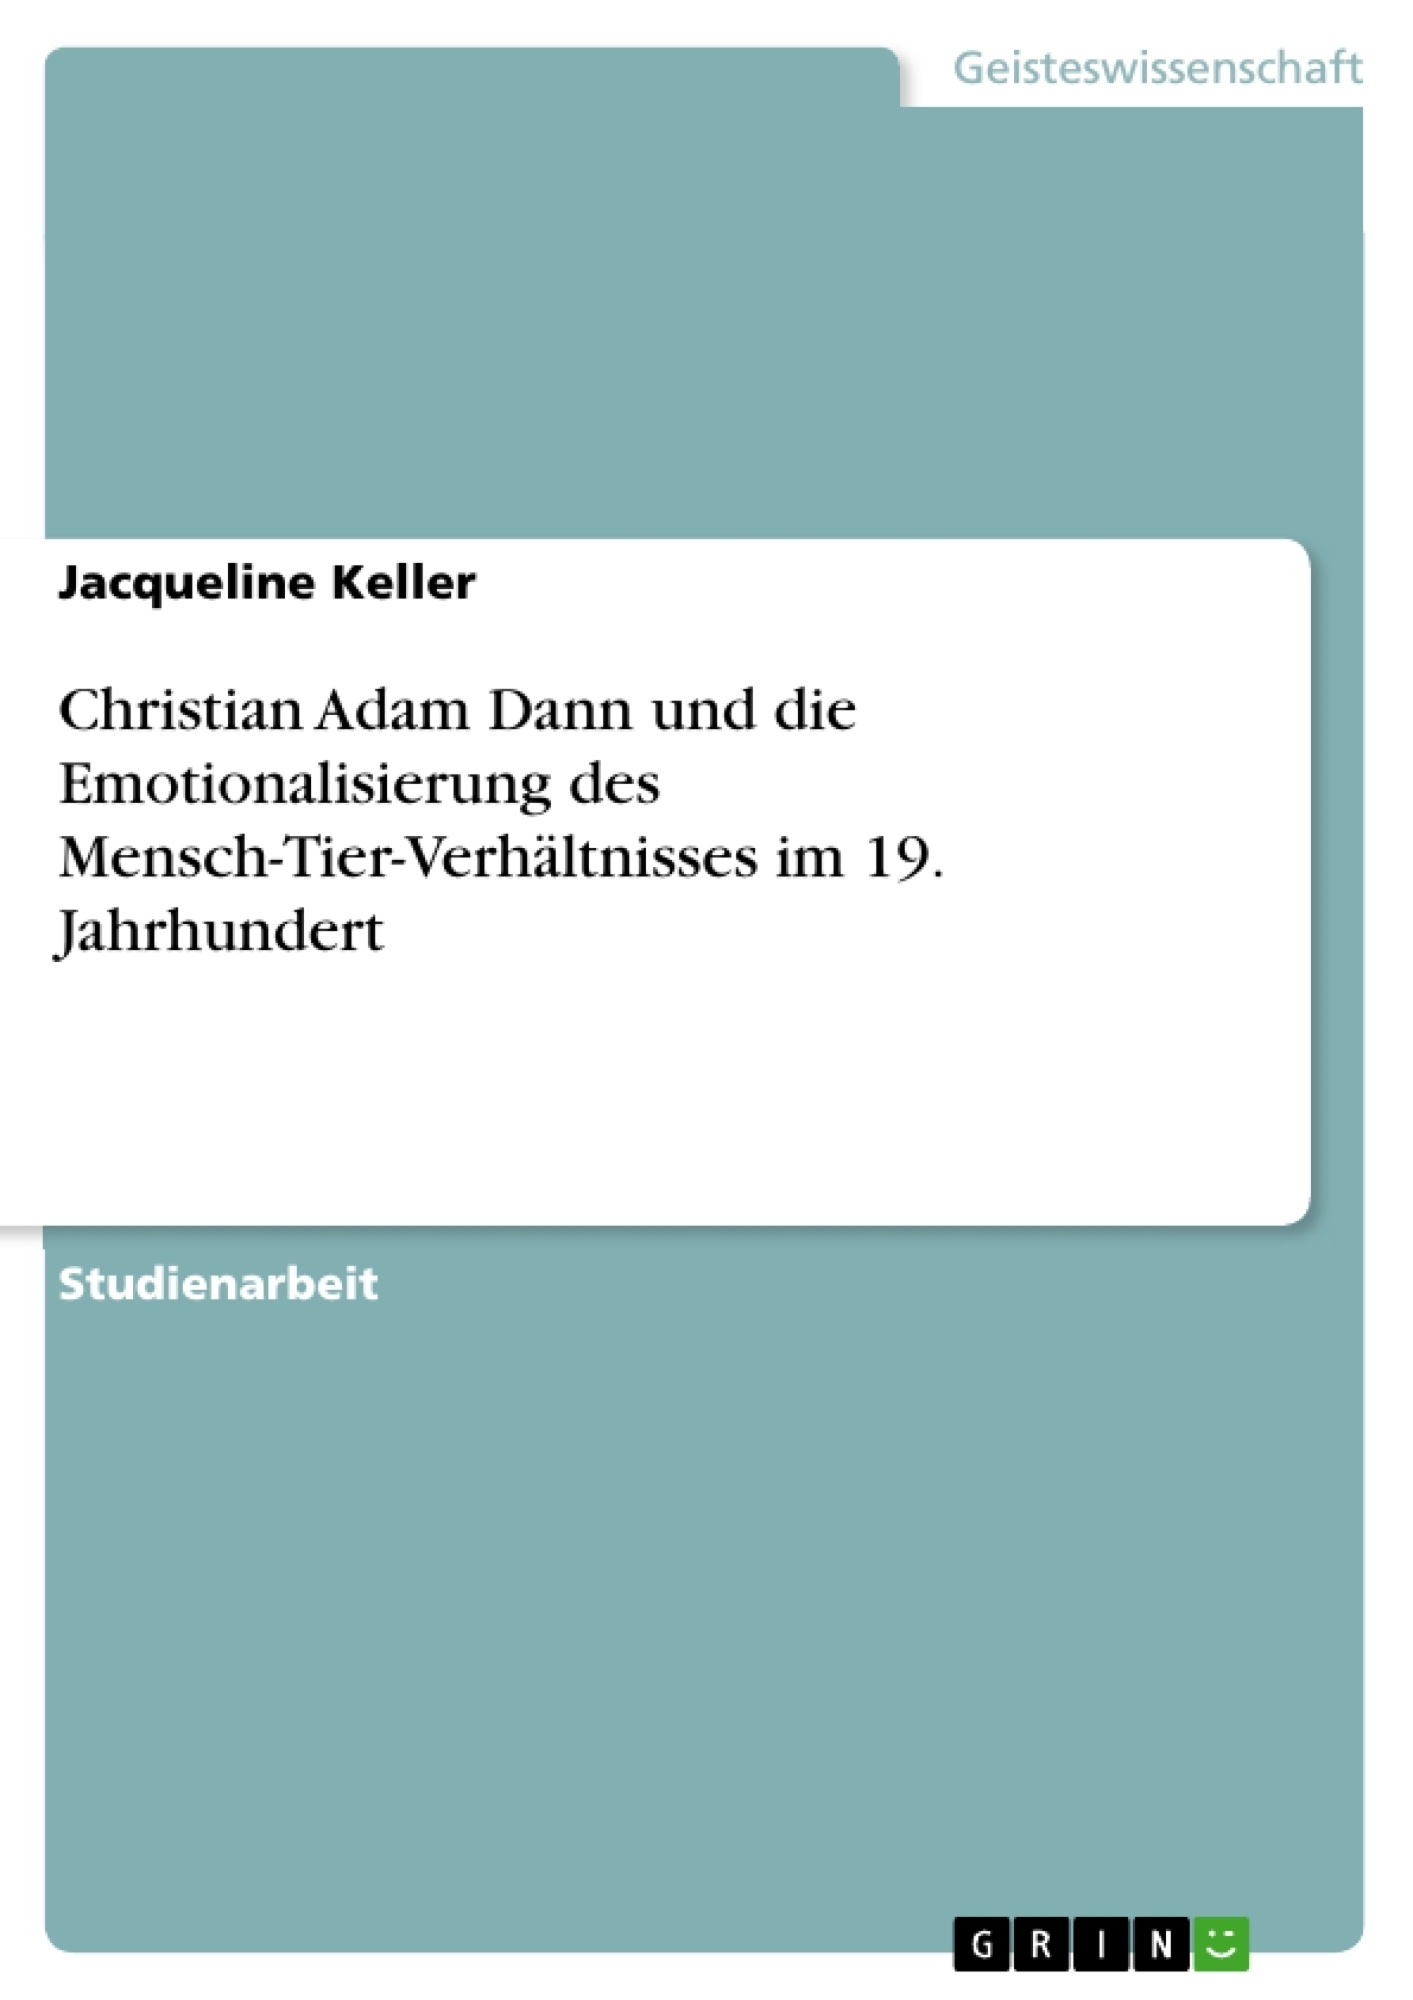 Titel: Christian Adam Dann und die Emotionalisierung des Mensch-Tier-Verhältnisses im 19. Jahrhundert